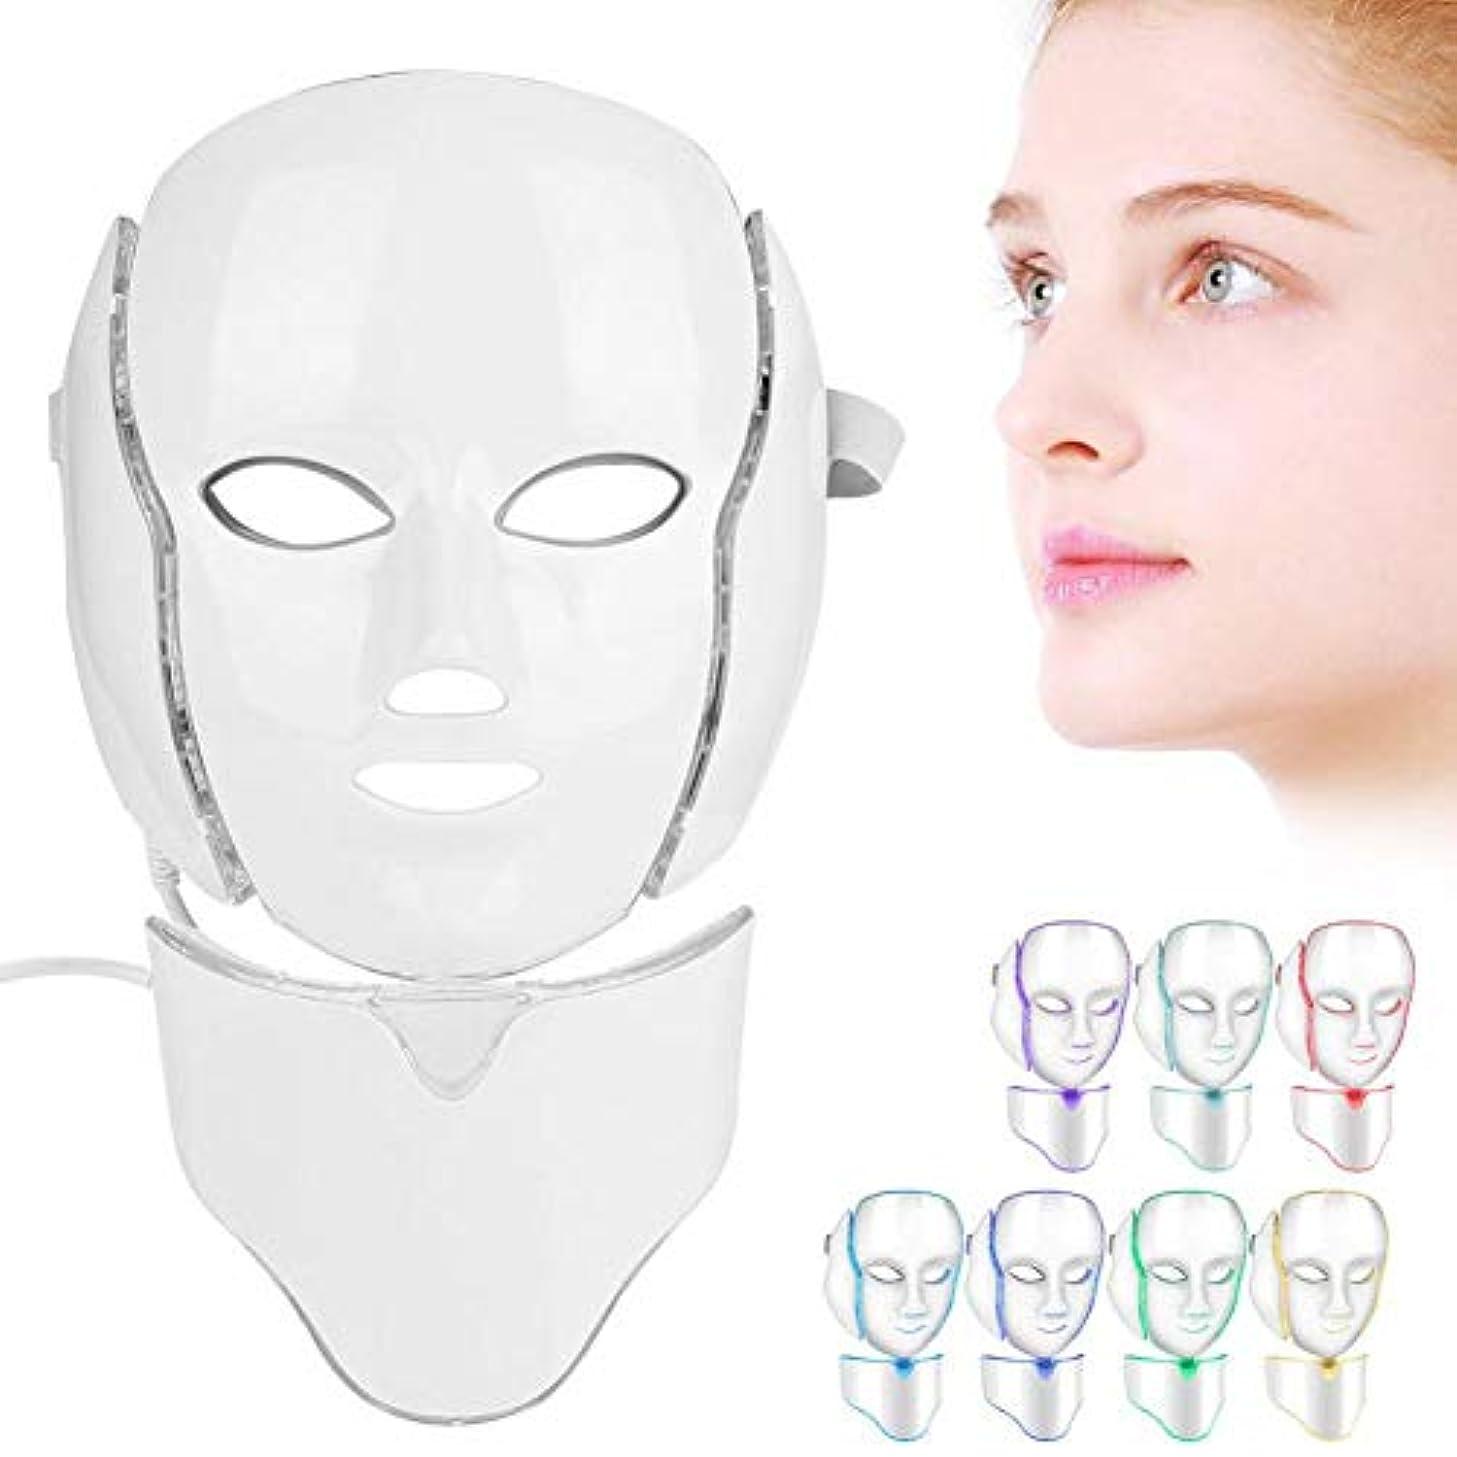 好意的眠いです任意首、軽い皮の若返り療法の顔のスキンケアのマスクが付いているLED 7色の軽い療法のマスク